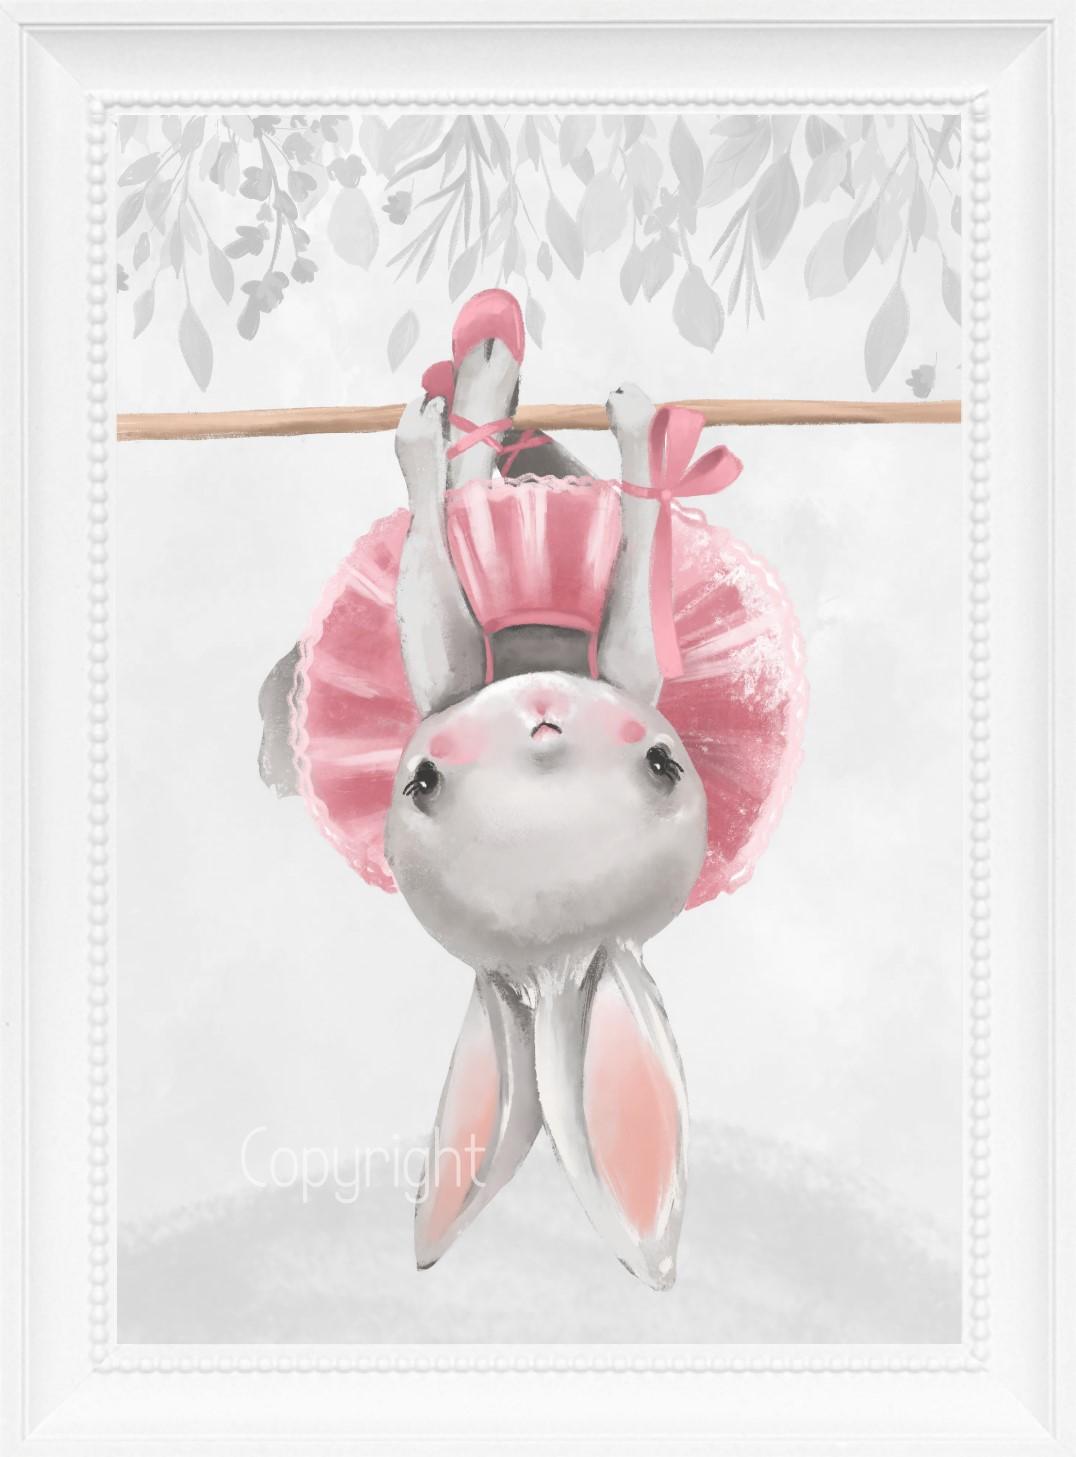 Kinderzimmer bilder set tiere prinzessin ballerina baby for Kinderzimmer bilder tiere